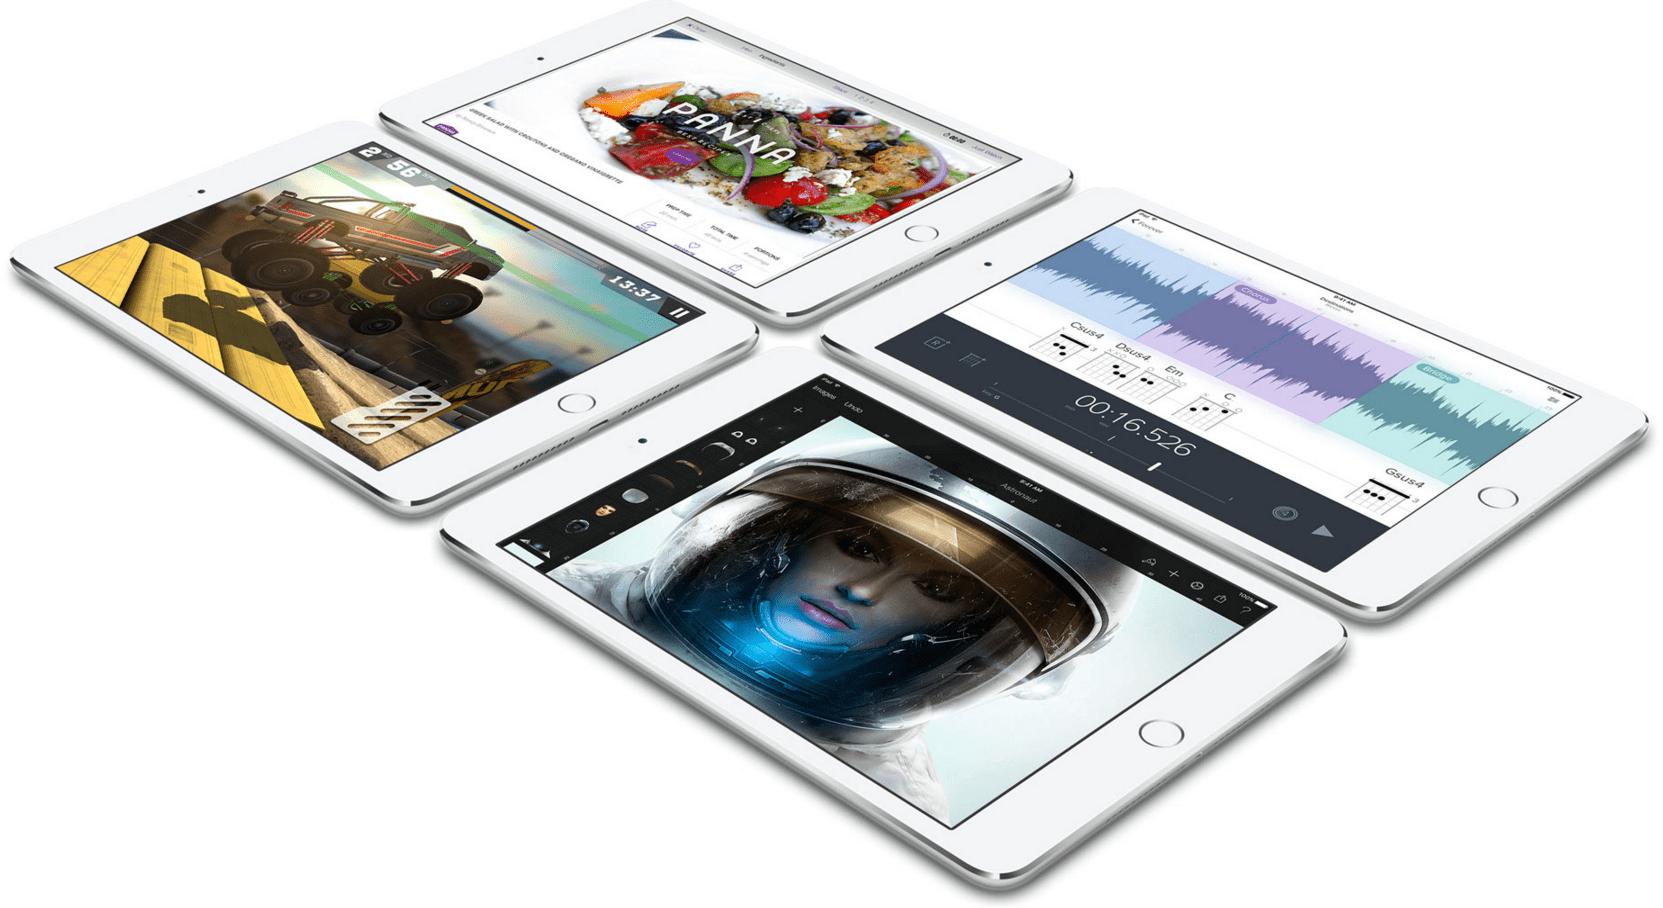 Планшеты Apple iPad купить айПад в Москве недорого цена